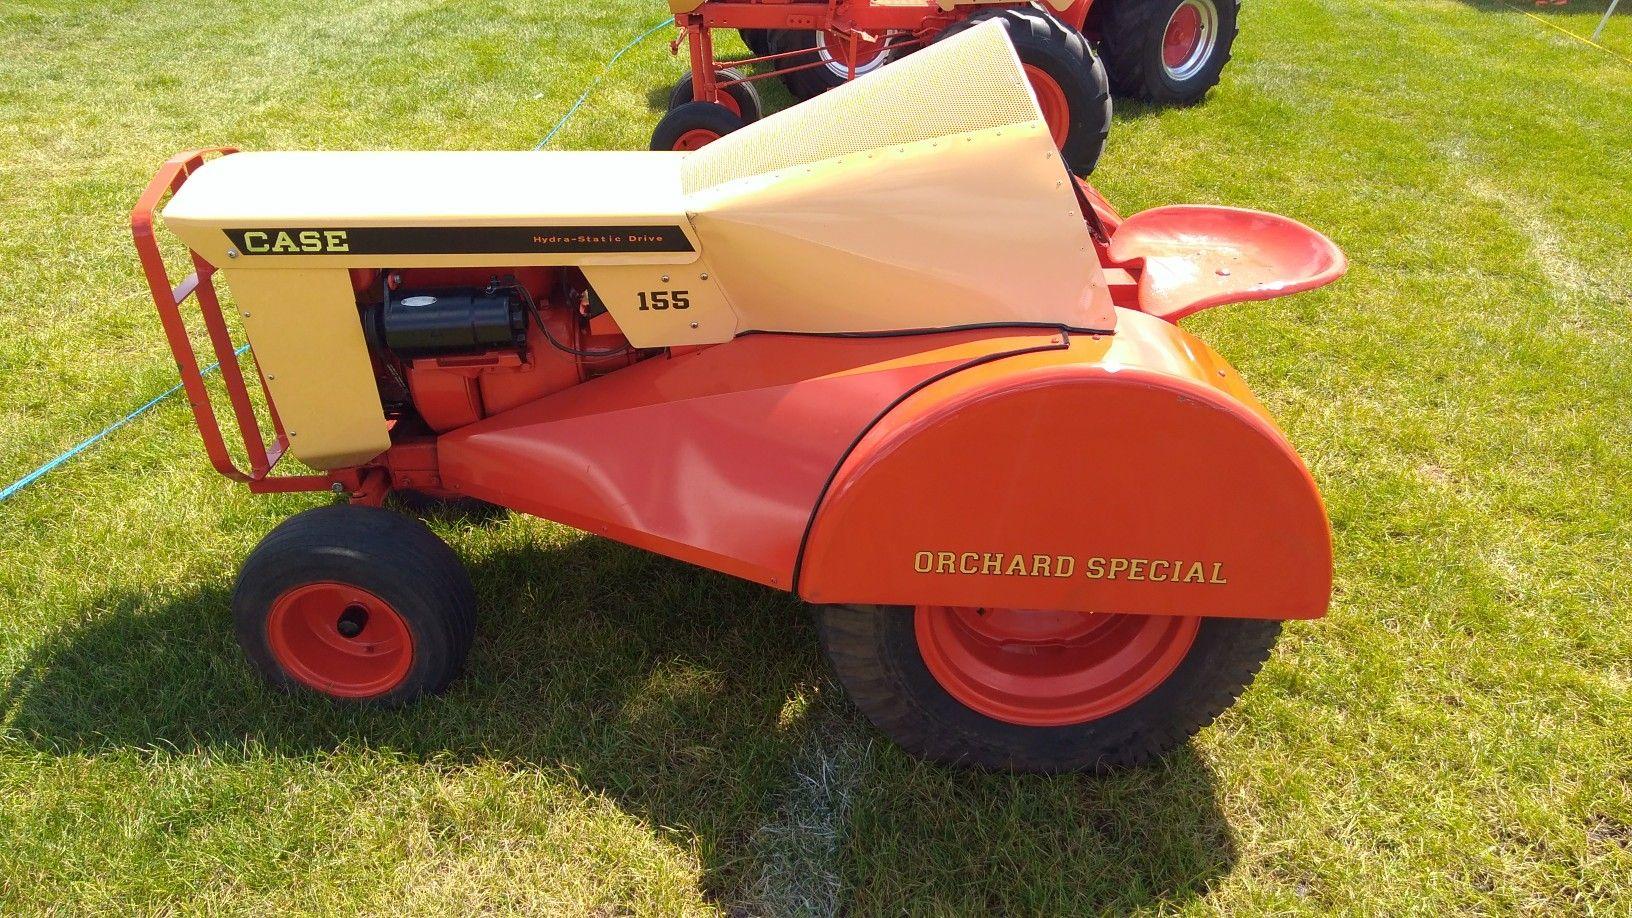 J I Case 155 Garden Tractor Made Into A Mini Orchard Special Garden Tractor Tractors Antique Tractors